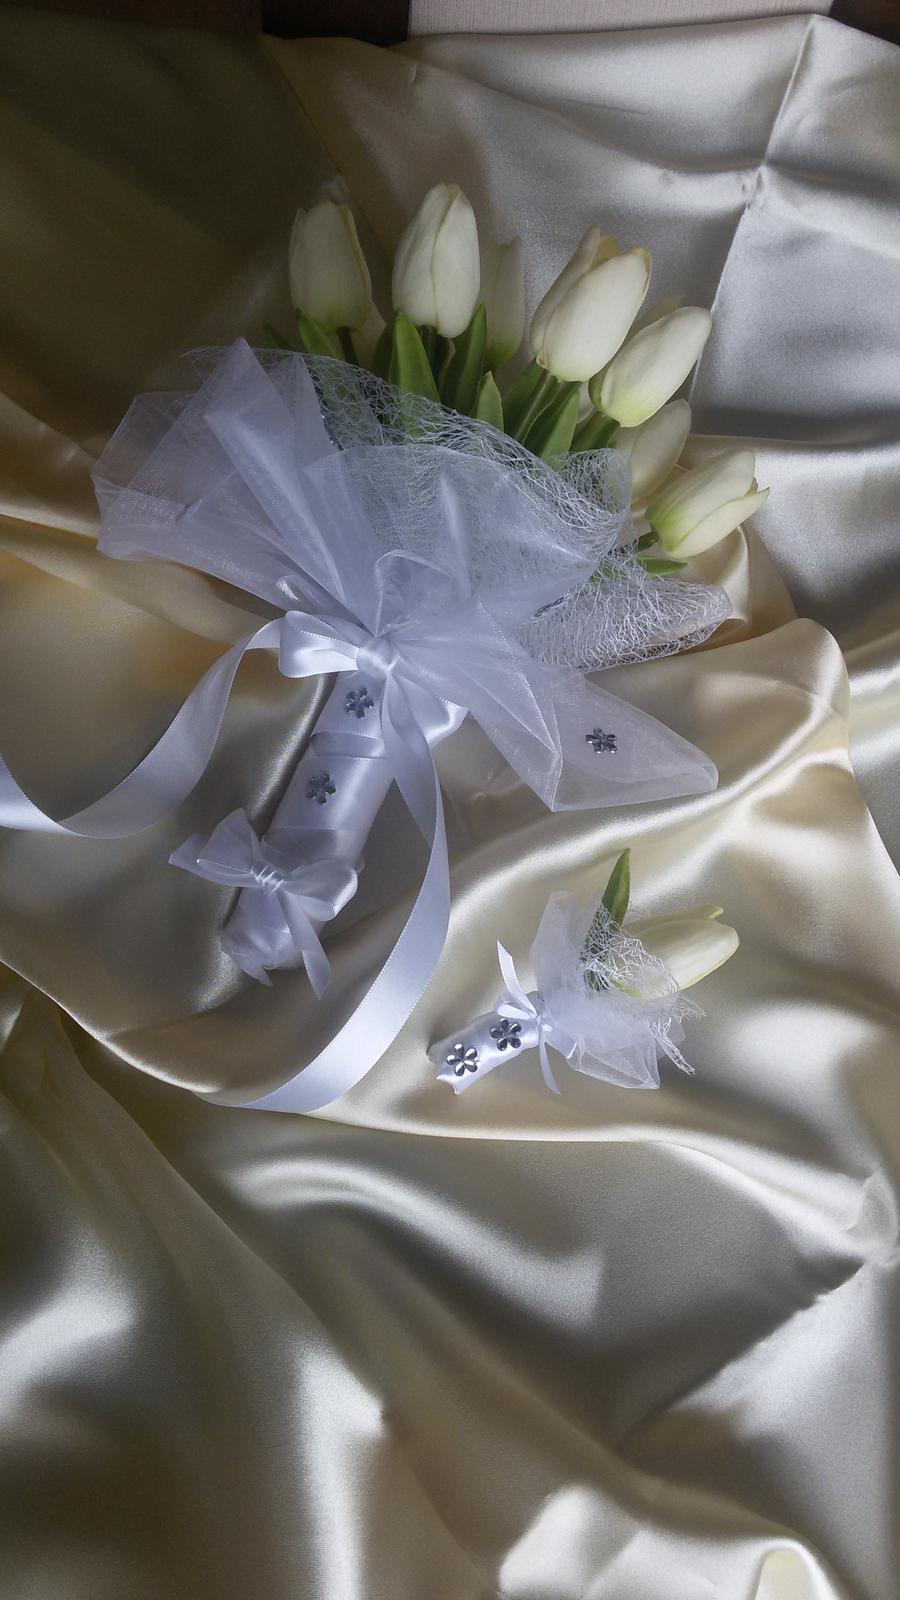 Kytice z pěnových tulipánů - Obrázek č. 1